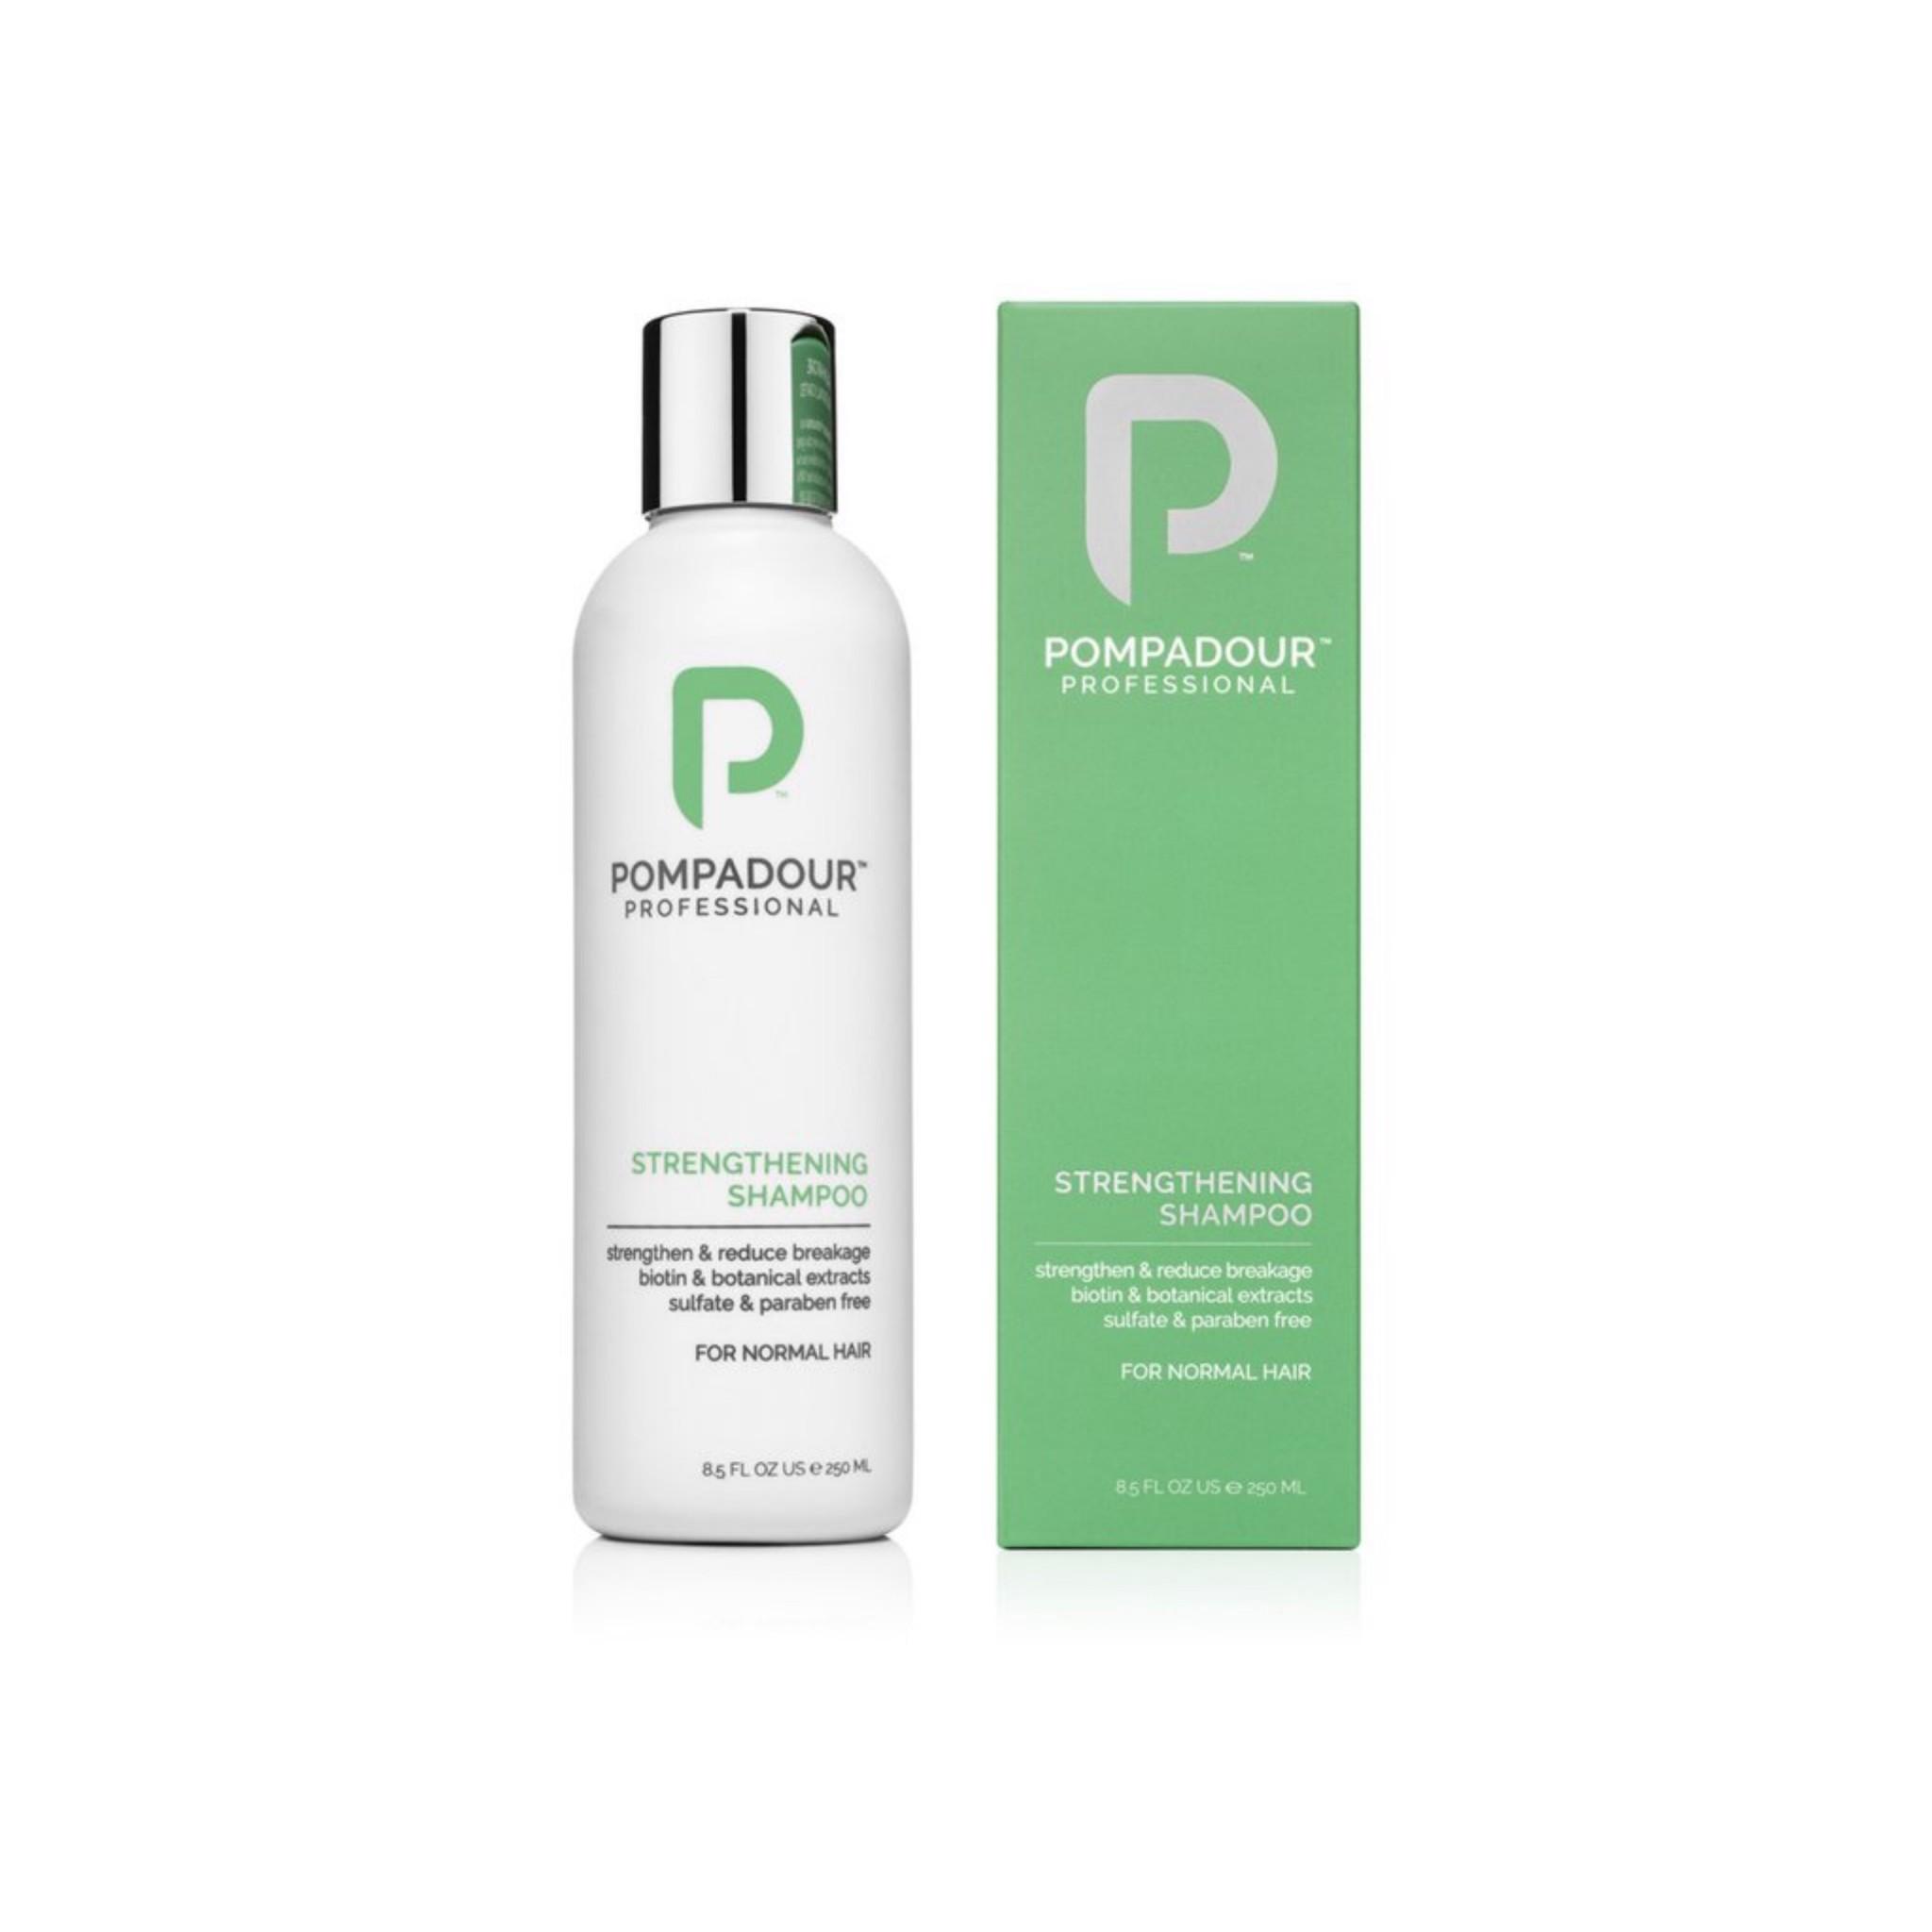 Dầu gội tăng cường dưỡng tóc Pompadour Pro. Strengthening Shampoo 8.5 oz